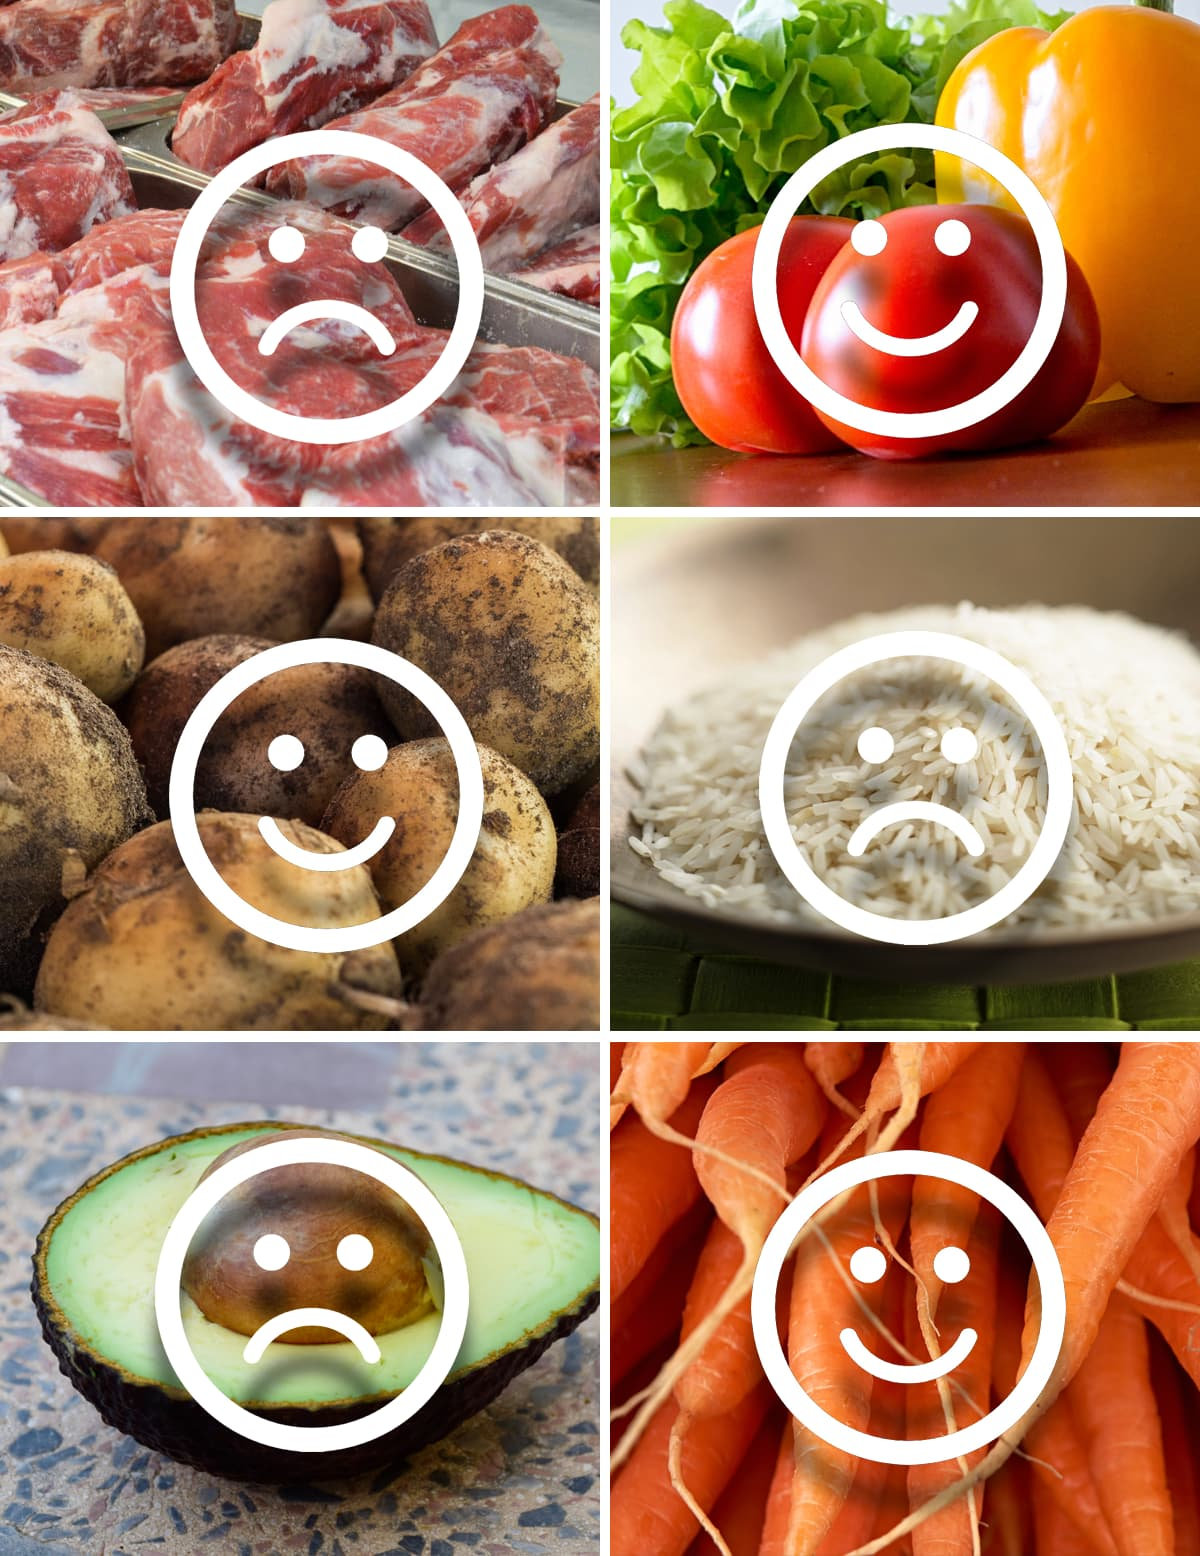 Kuvakollaasi erilaisista ruoka-aineista, joiden päällä on graafisia hymynaamoja ja hapannaamoja.